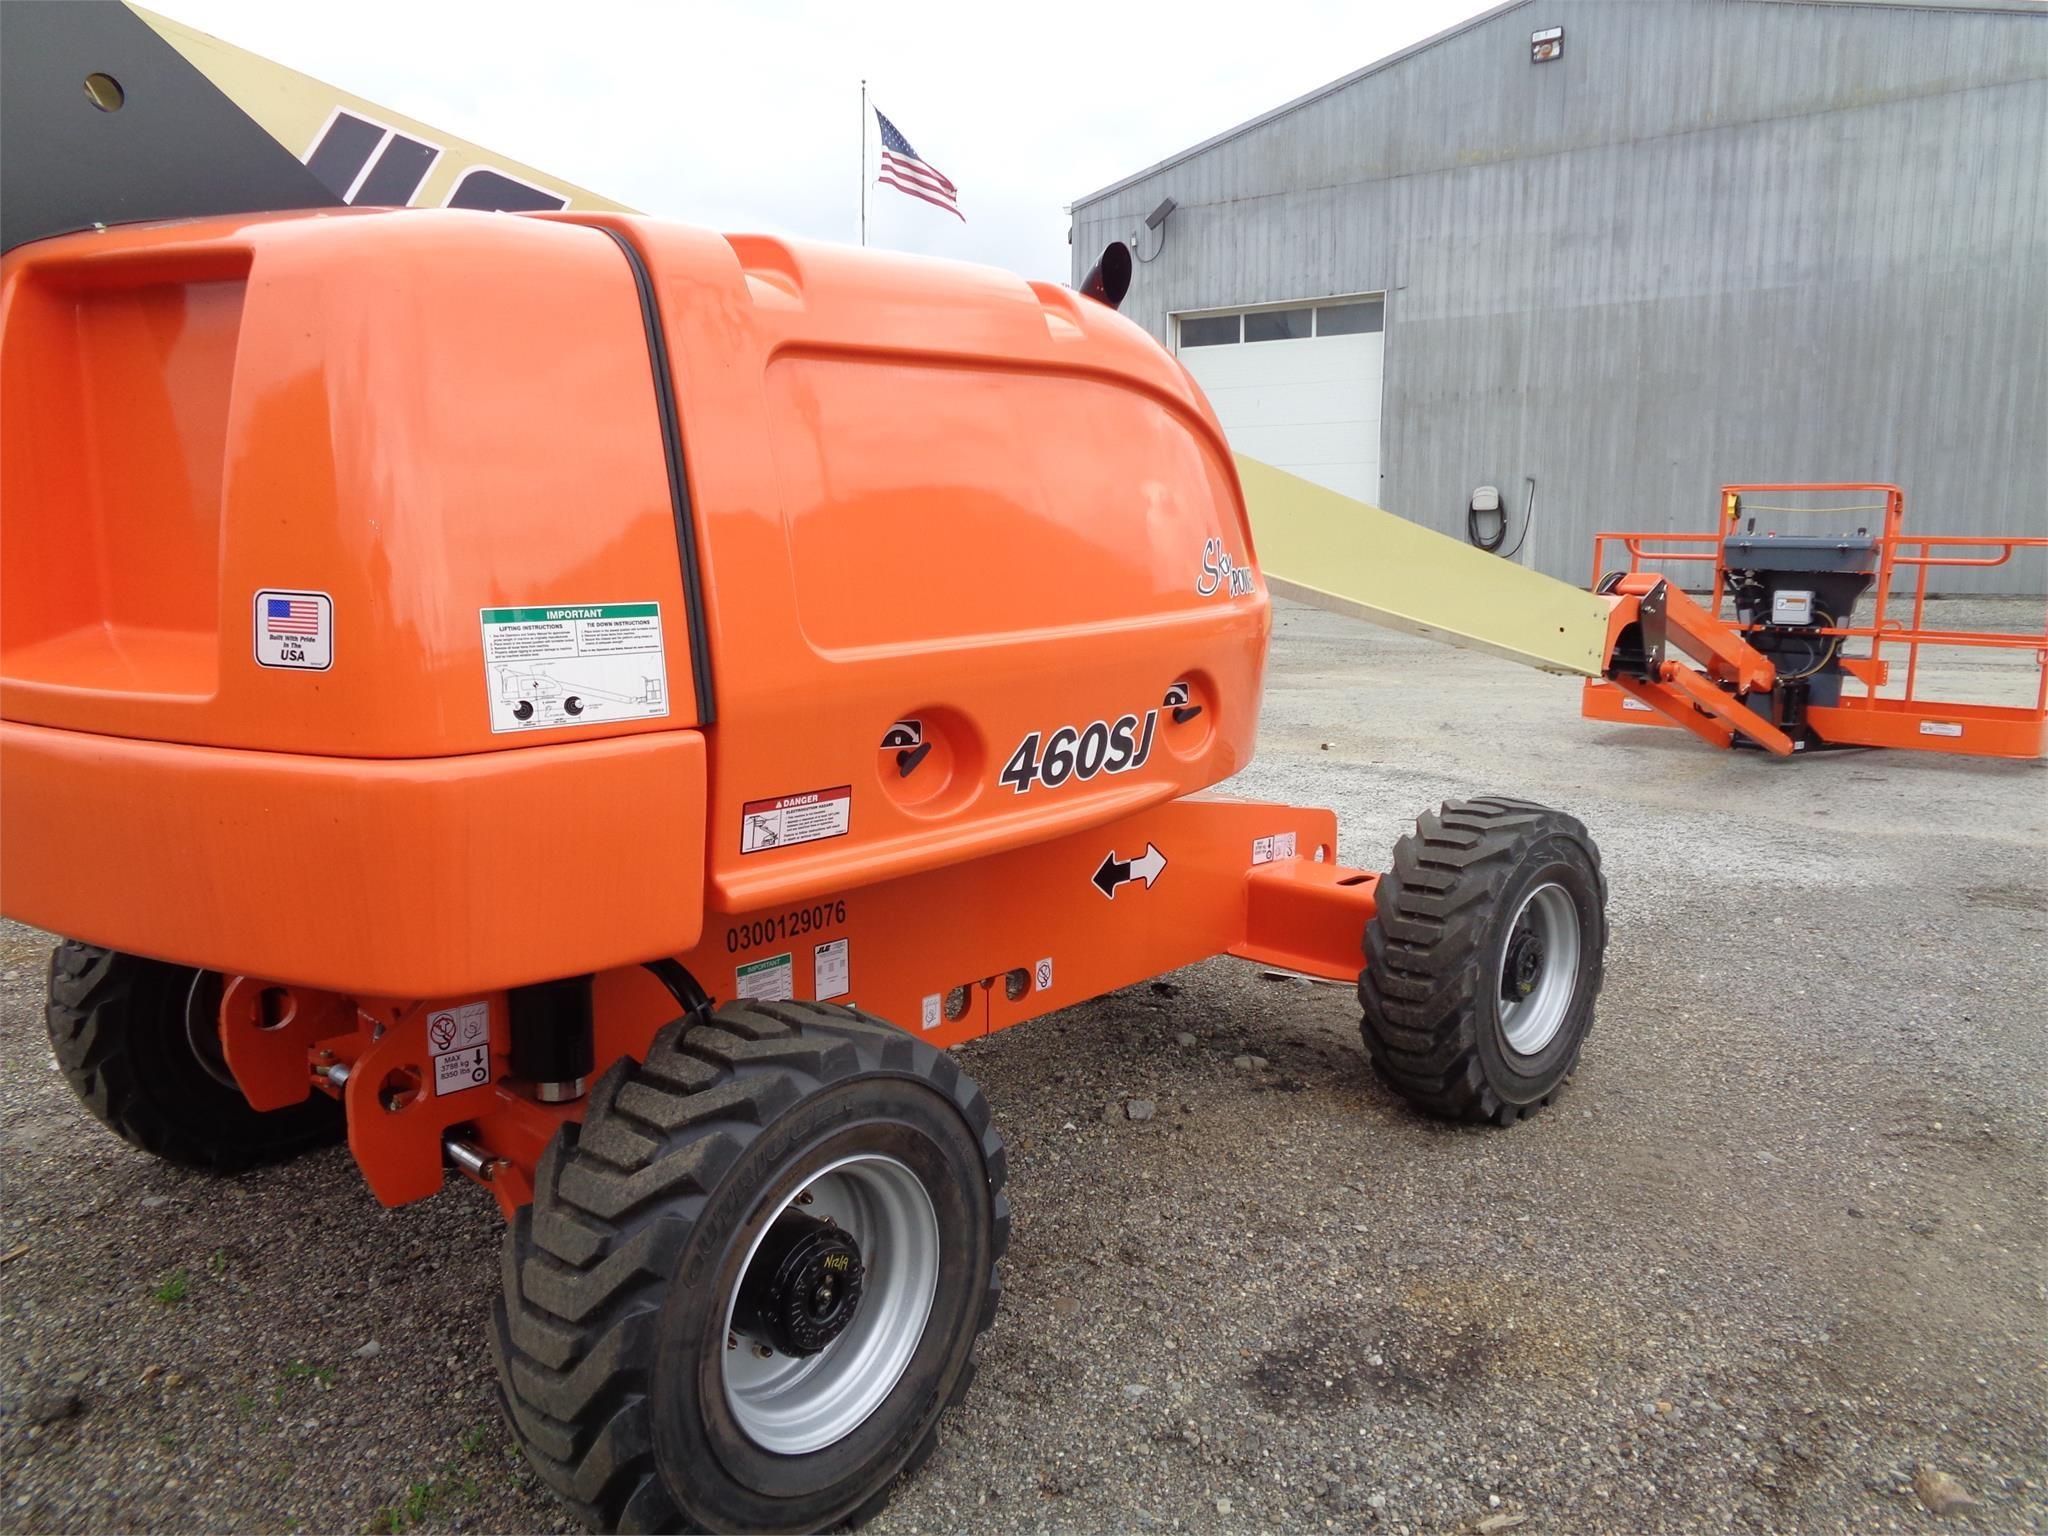 2008 JLG 460SJ